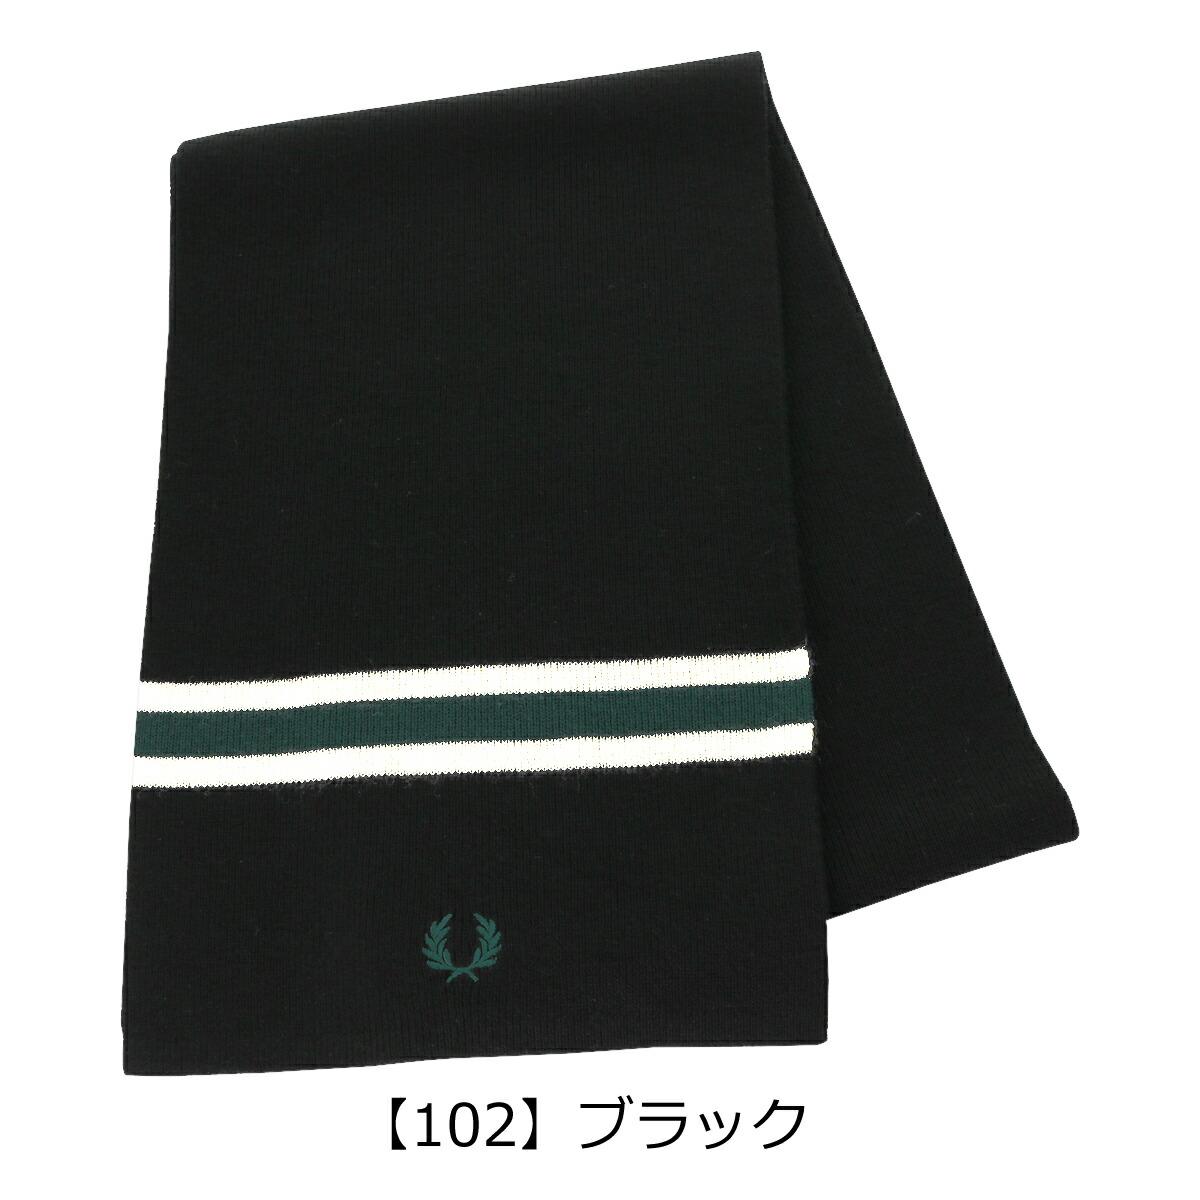 【102】ブラック